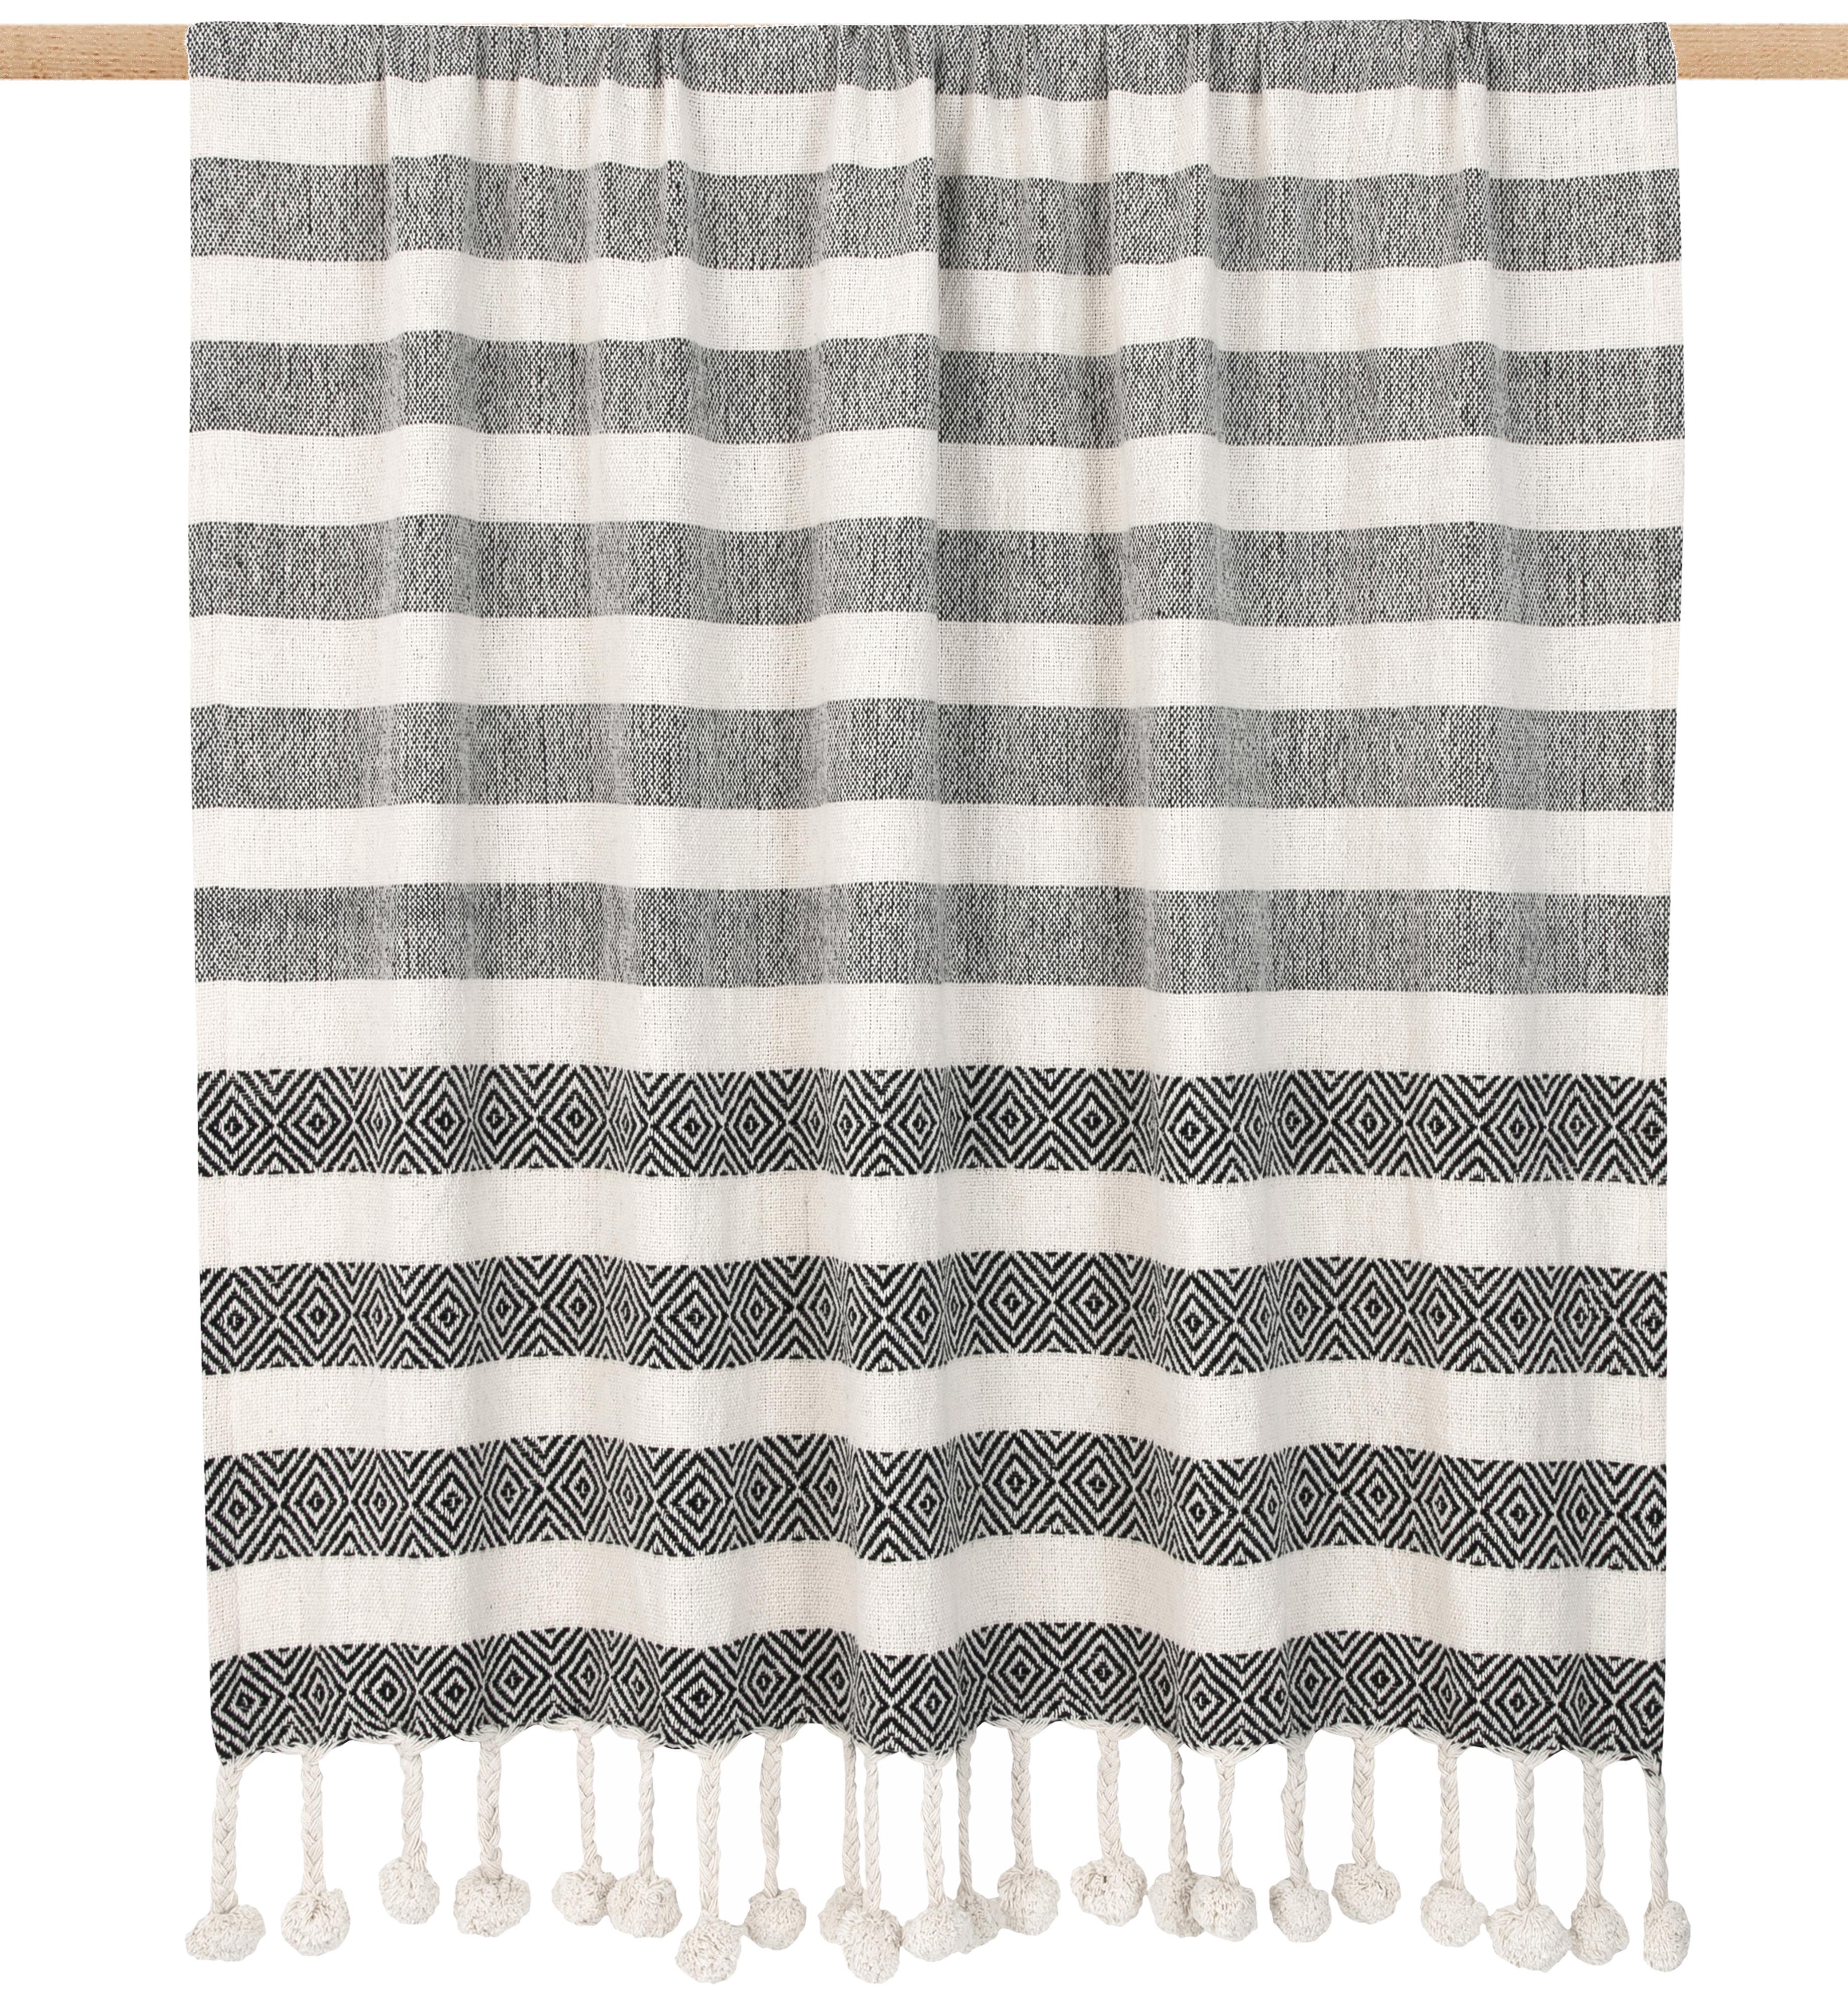 Plaid Maggie mit Pompoms, 100% Baumwolle, Schwarz, Beige, 130 x 170 cm